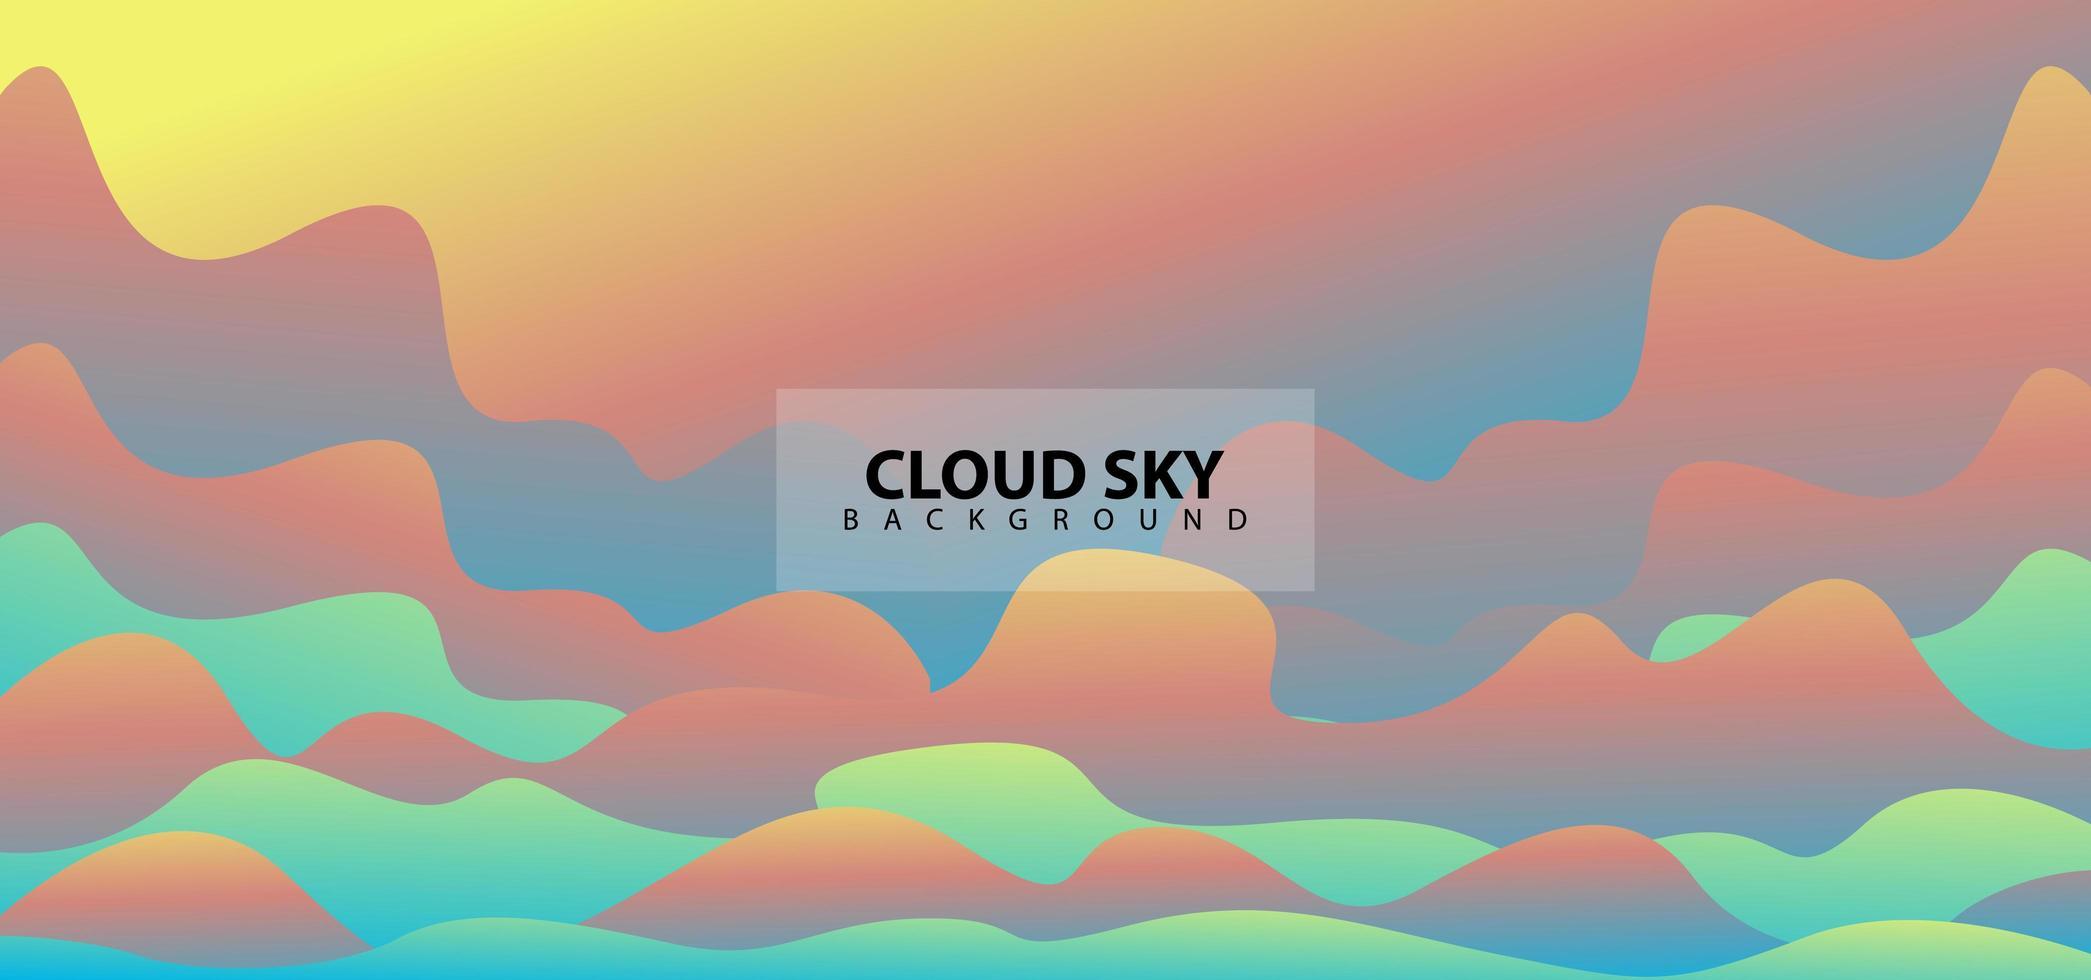 modèle de fond de conception de ciel nuages dégradés modernes vecteur